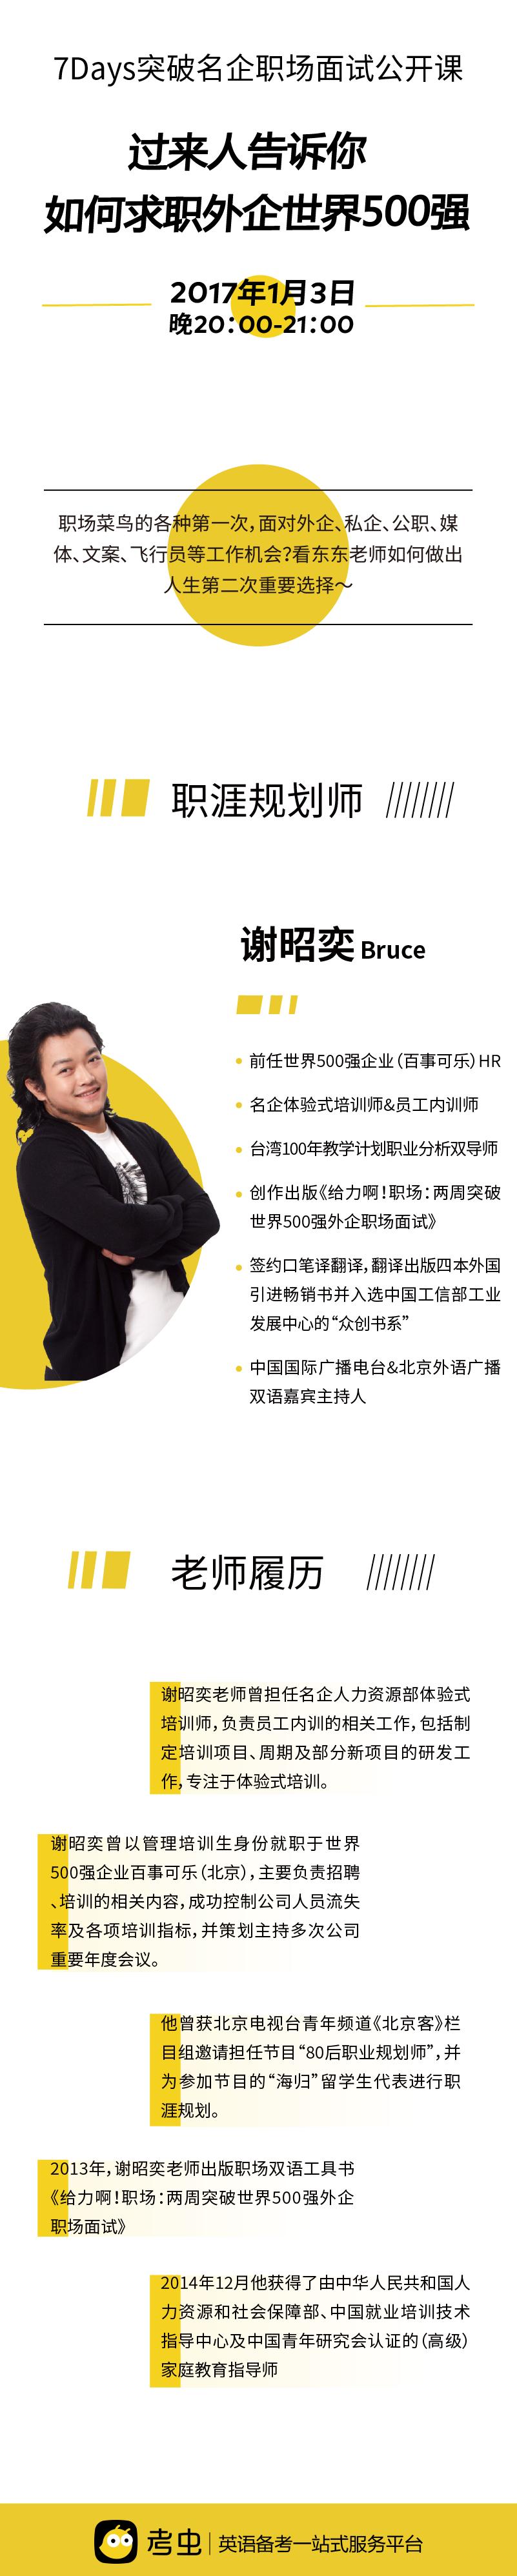 461-世界500强名企求职指南.png